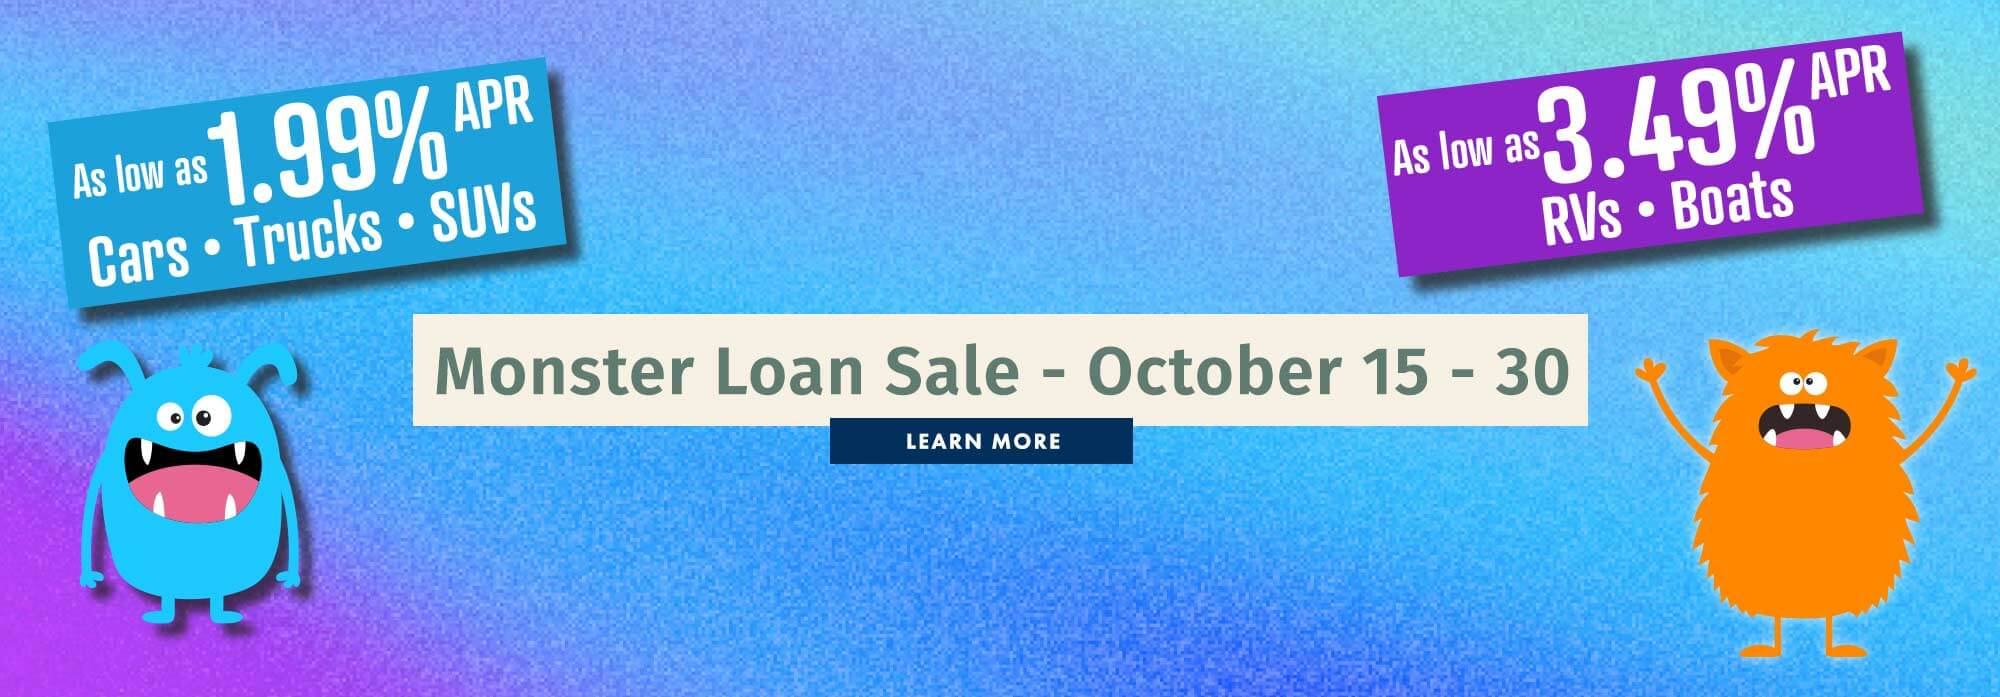 Monster Loan Sale - October 15 - 30